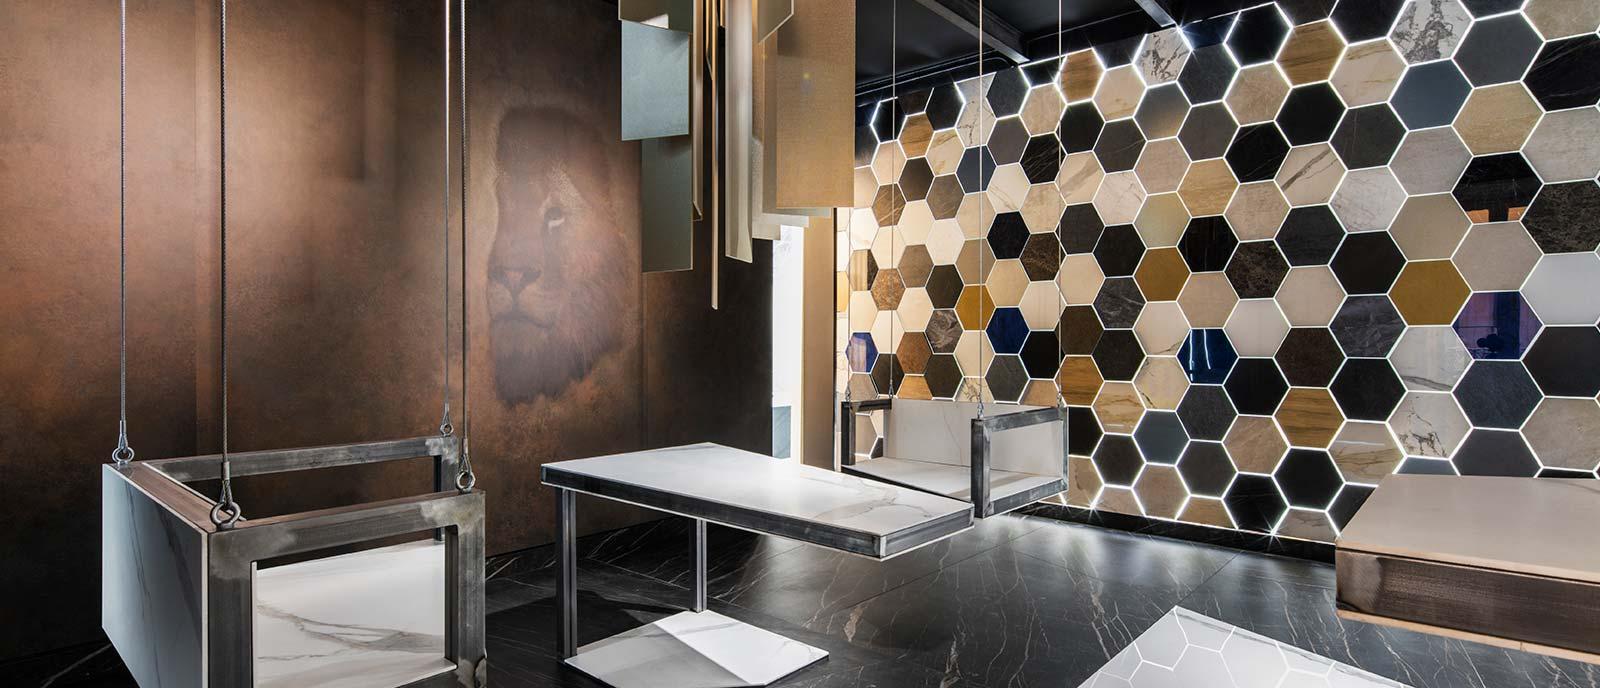 Galería de arte – «Digital Art Gallery» – Espacio Laminam